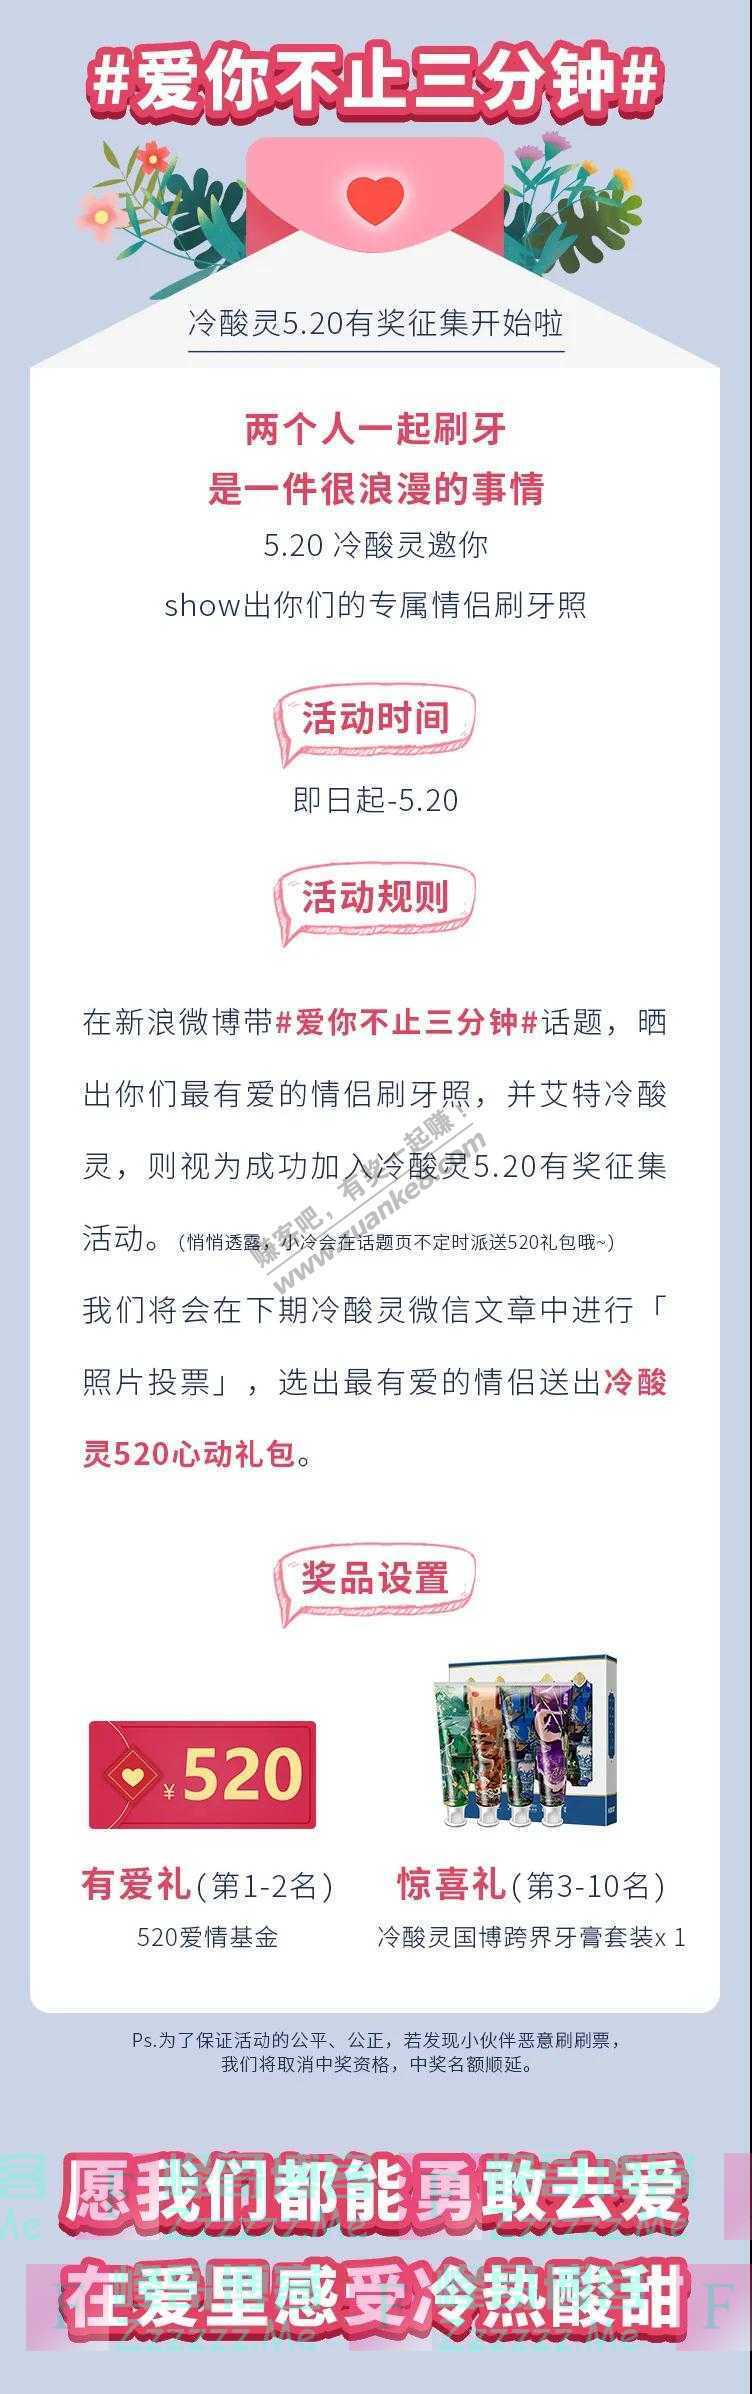 冷酸灵520恋爱基金直接送(截止5月20日)